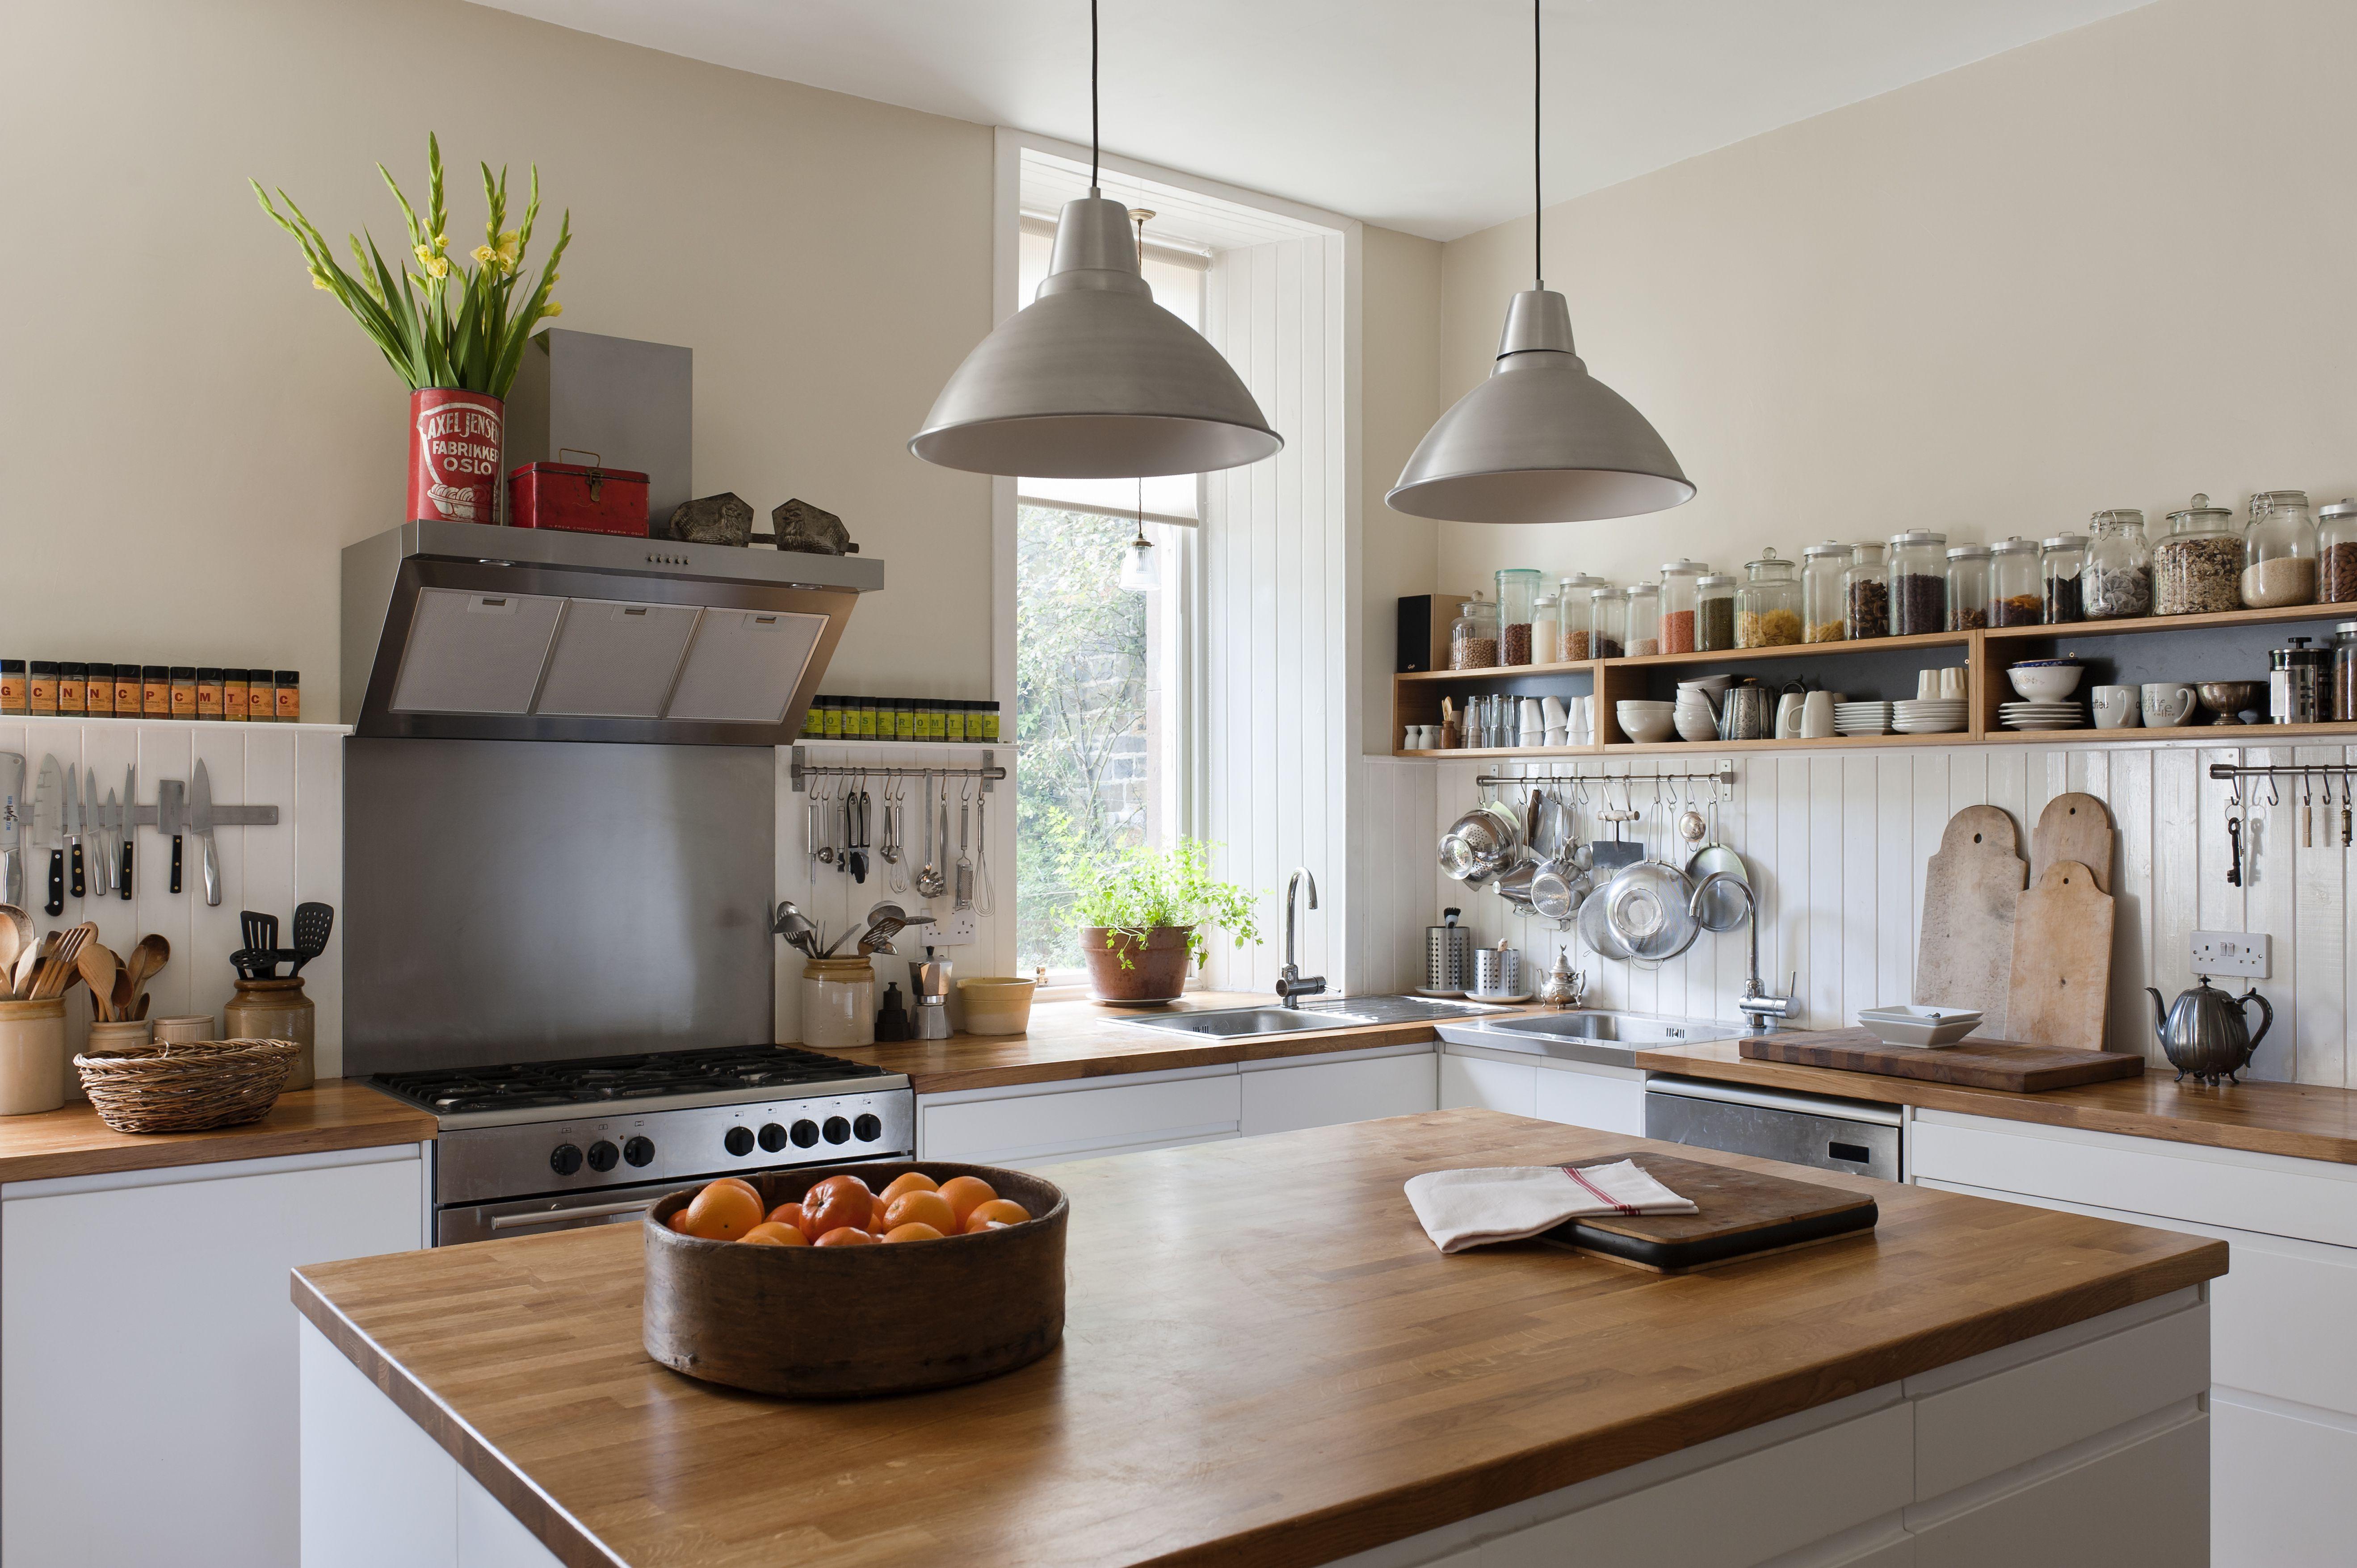 13 DIY Kitchen Island Woodworking Plans